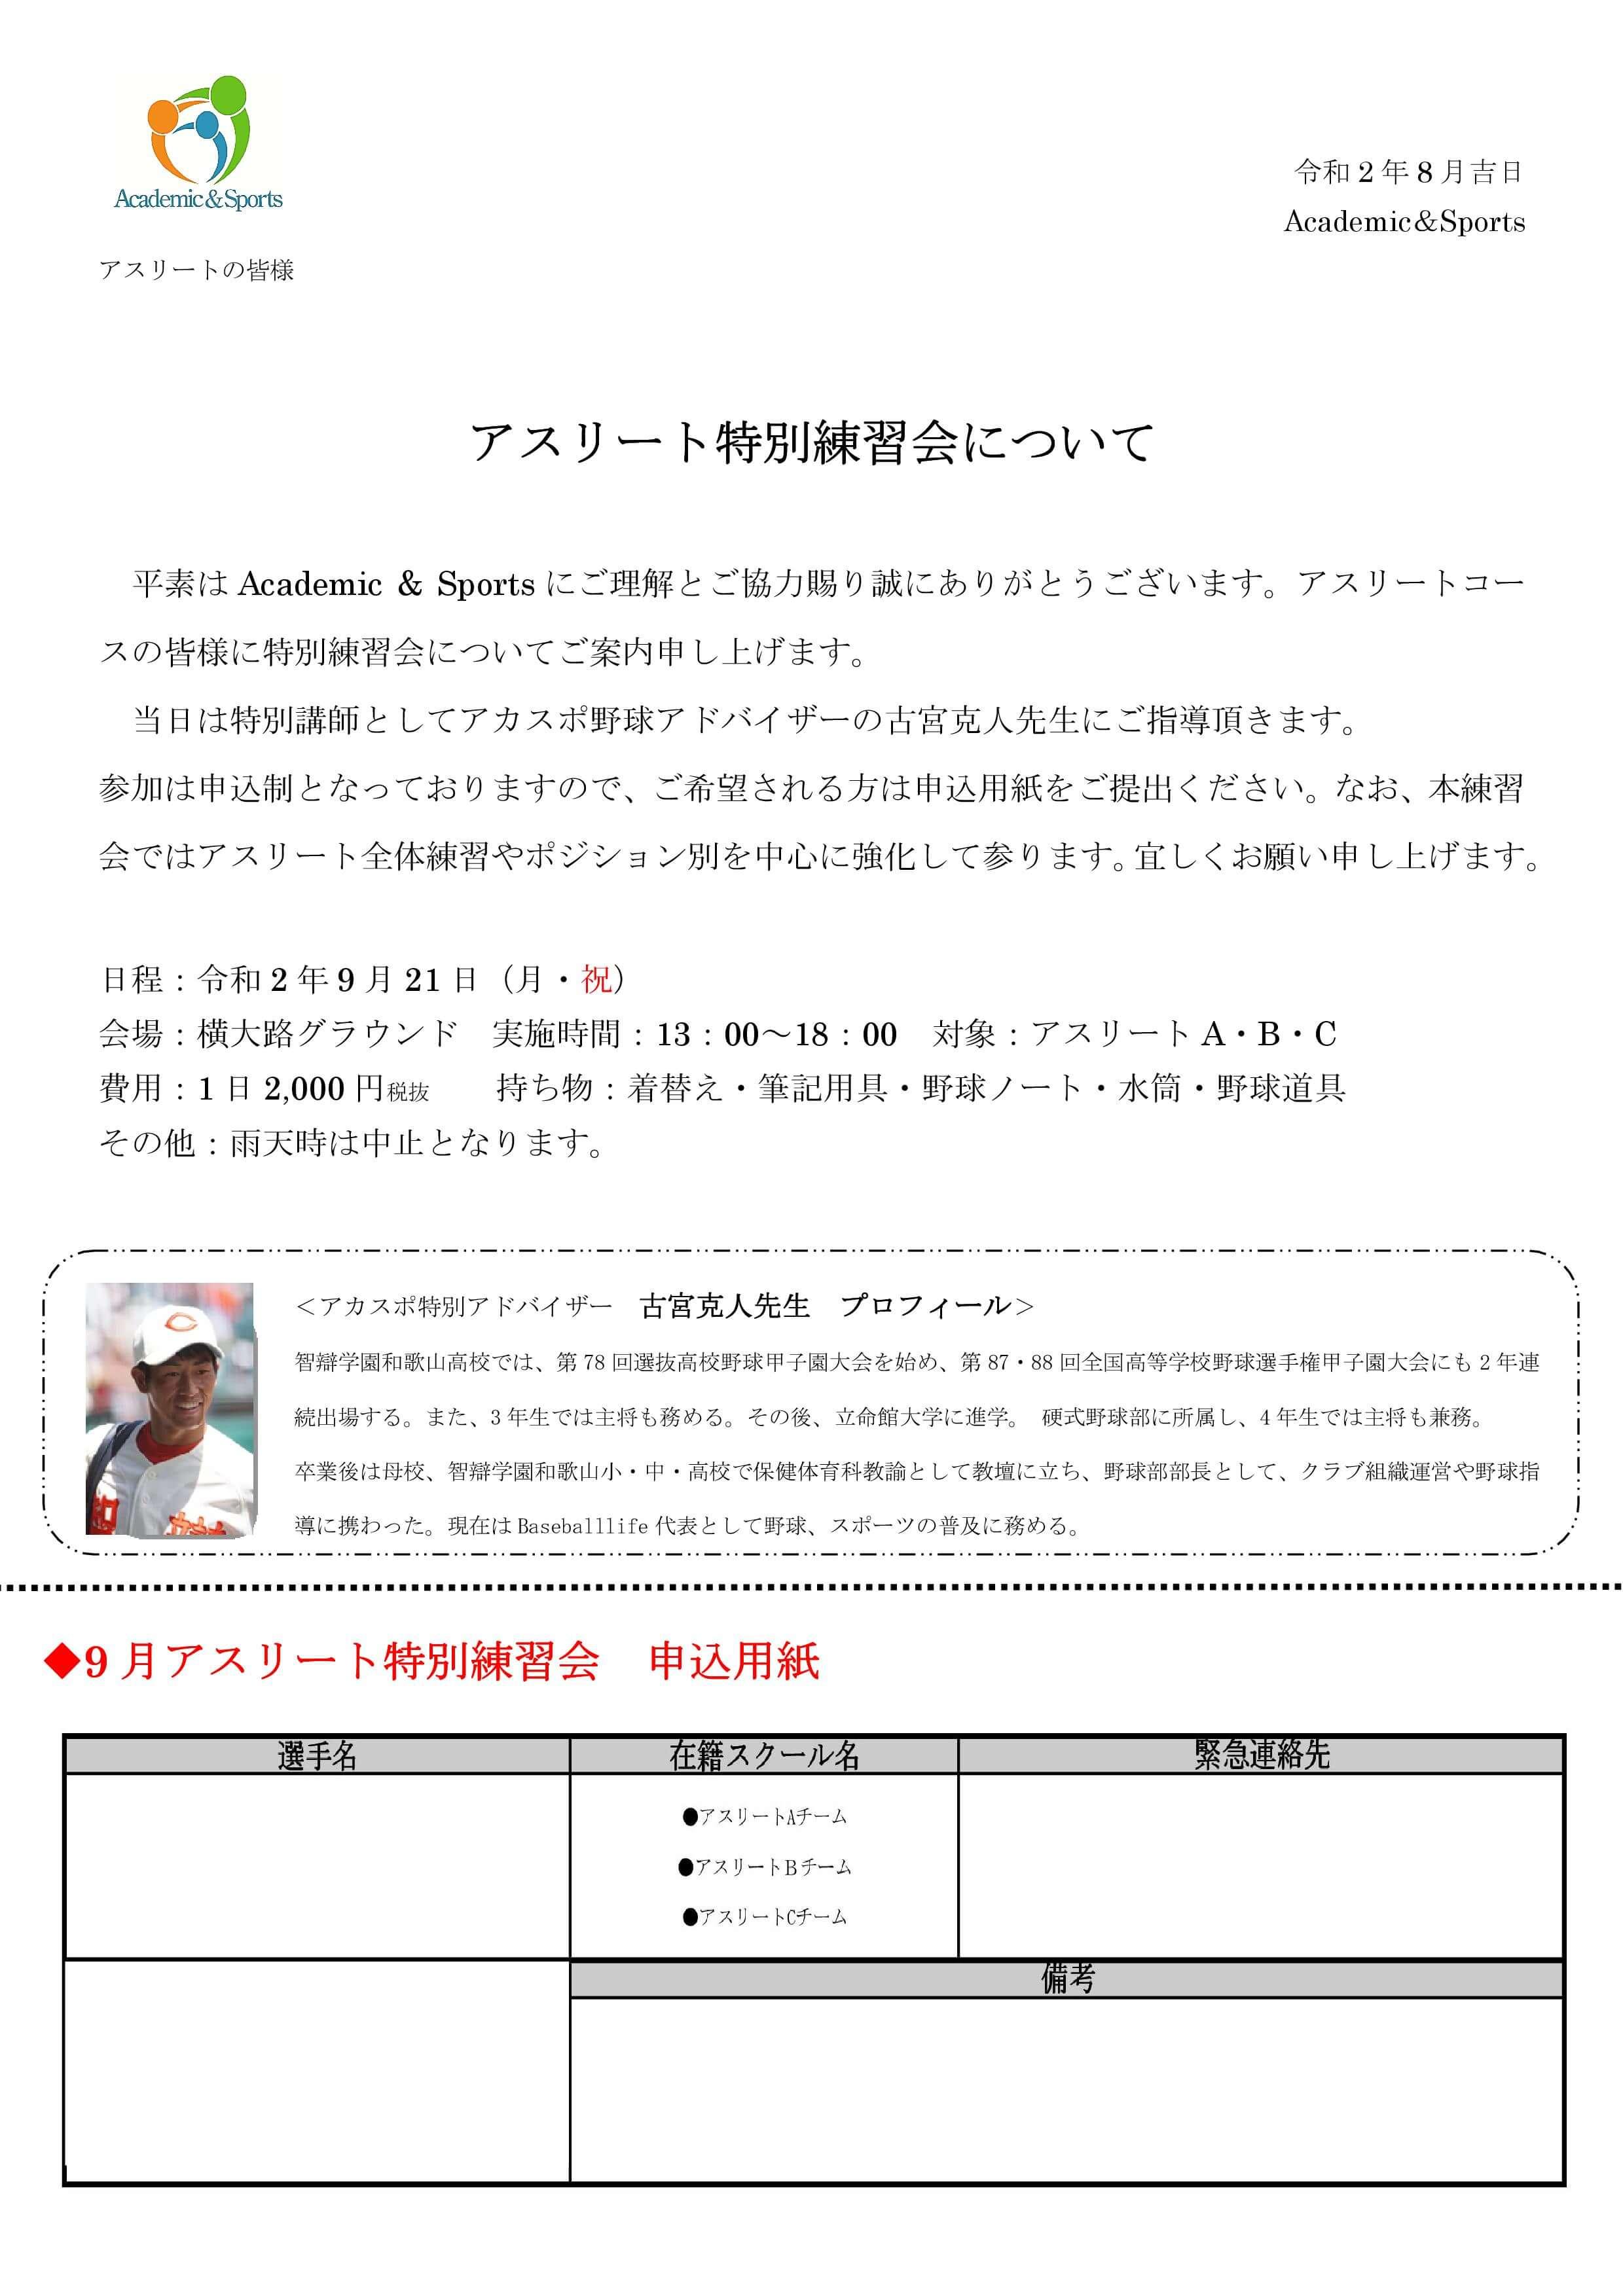 【野球アスリートコース】特別練習会実施について